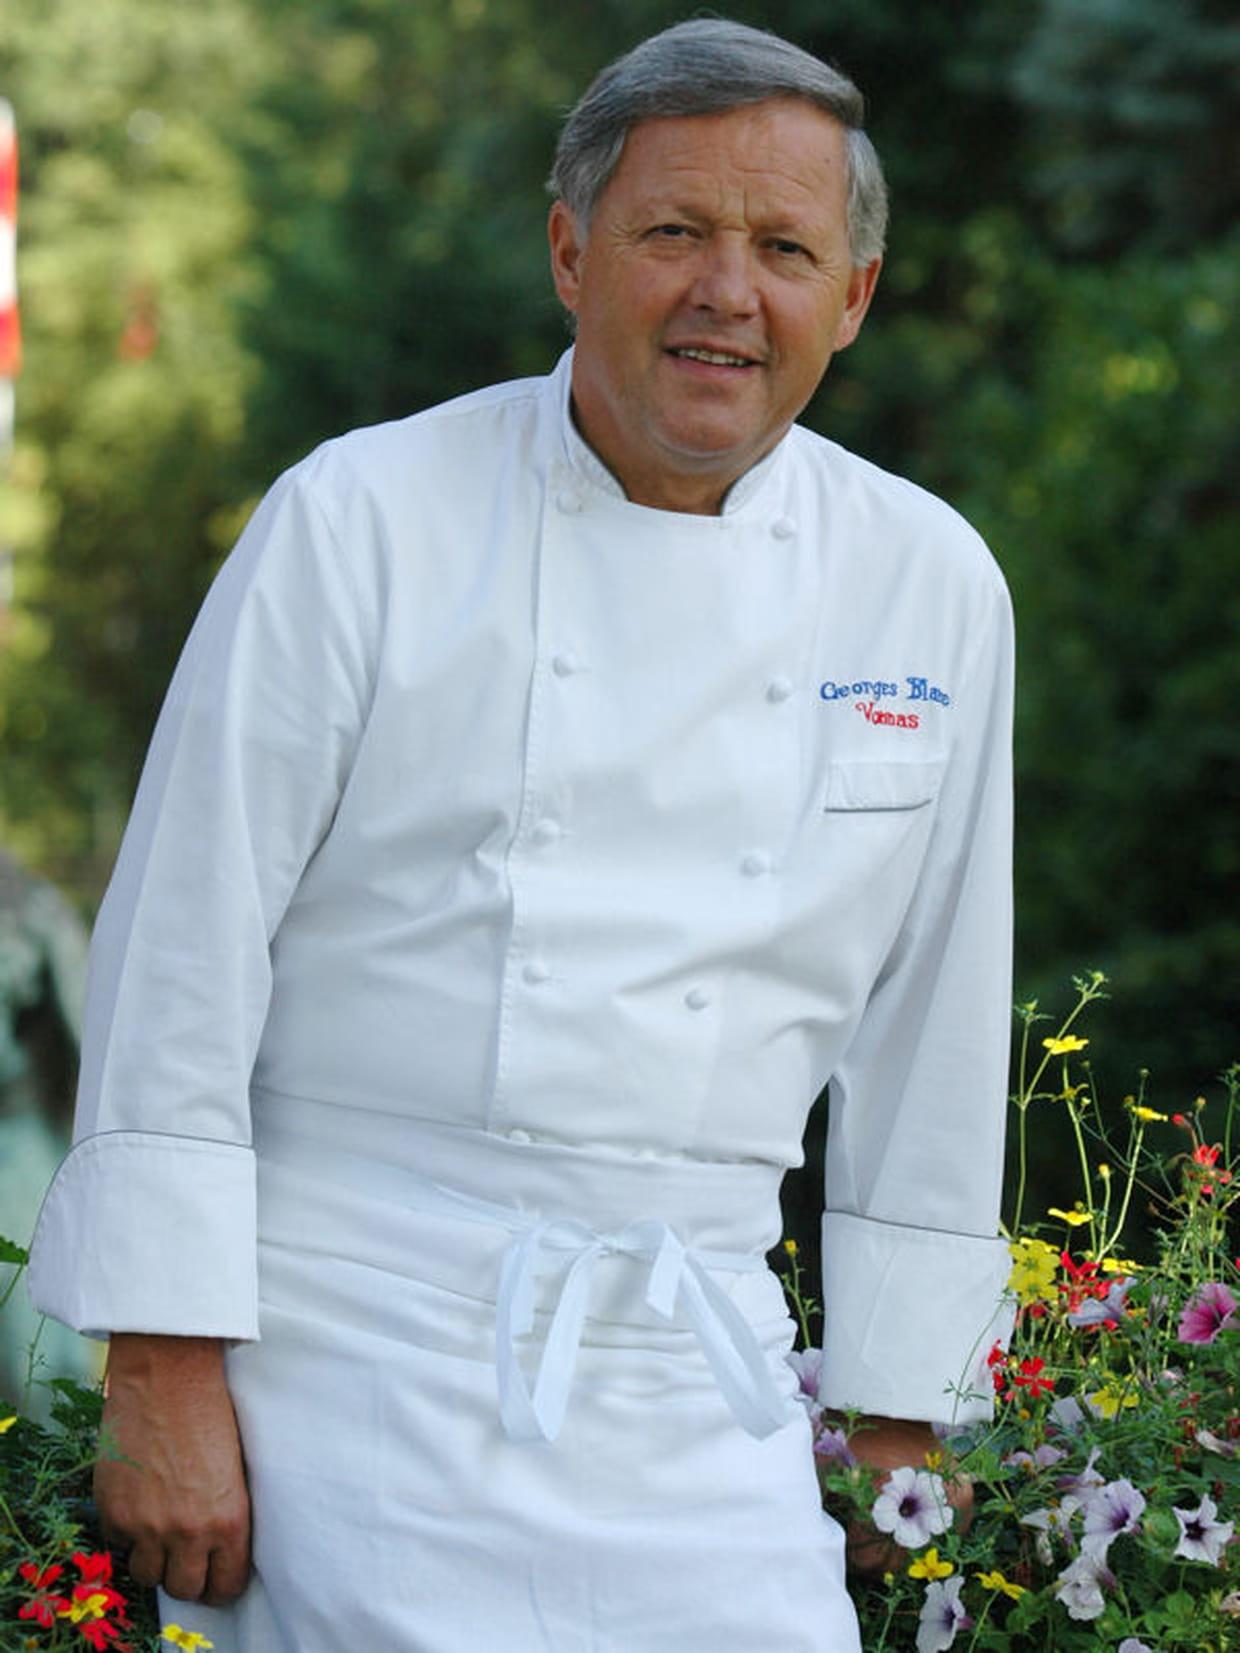 Georges blanc chef de la maison blanc - Cours de cuisine georges blanc ...